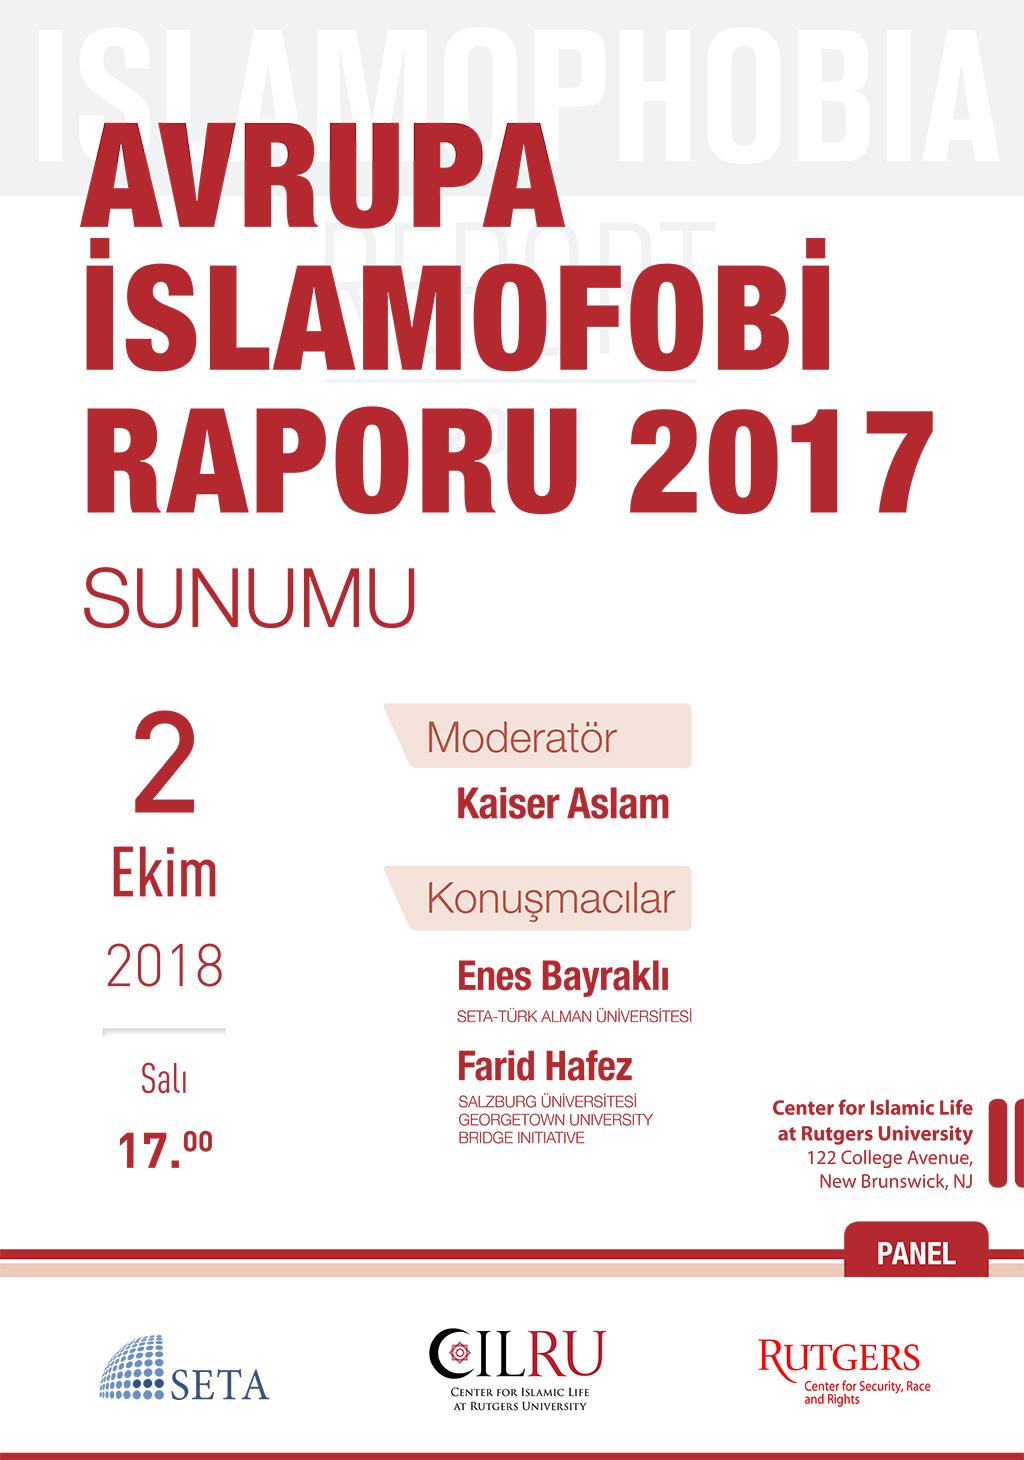 Avrupa İslamofobi Raporu 2017 Sunumu